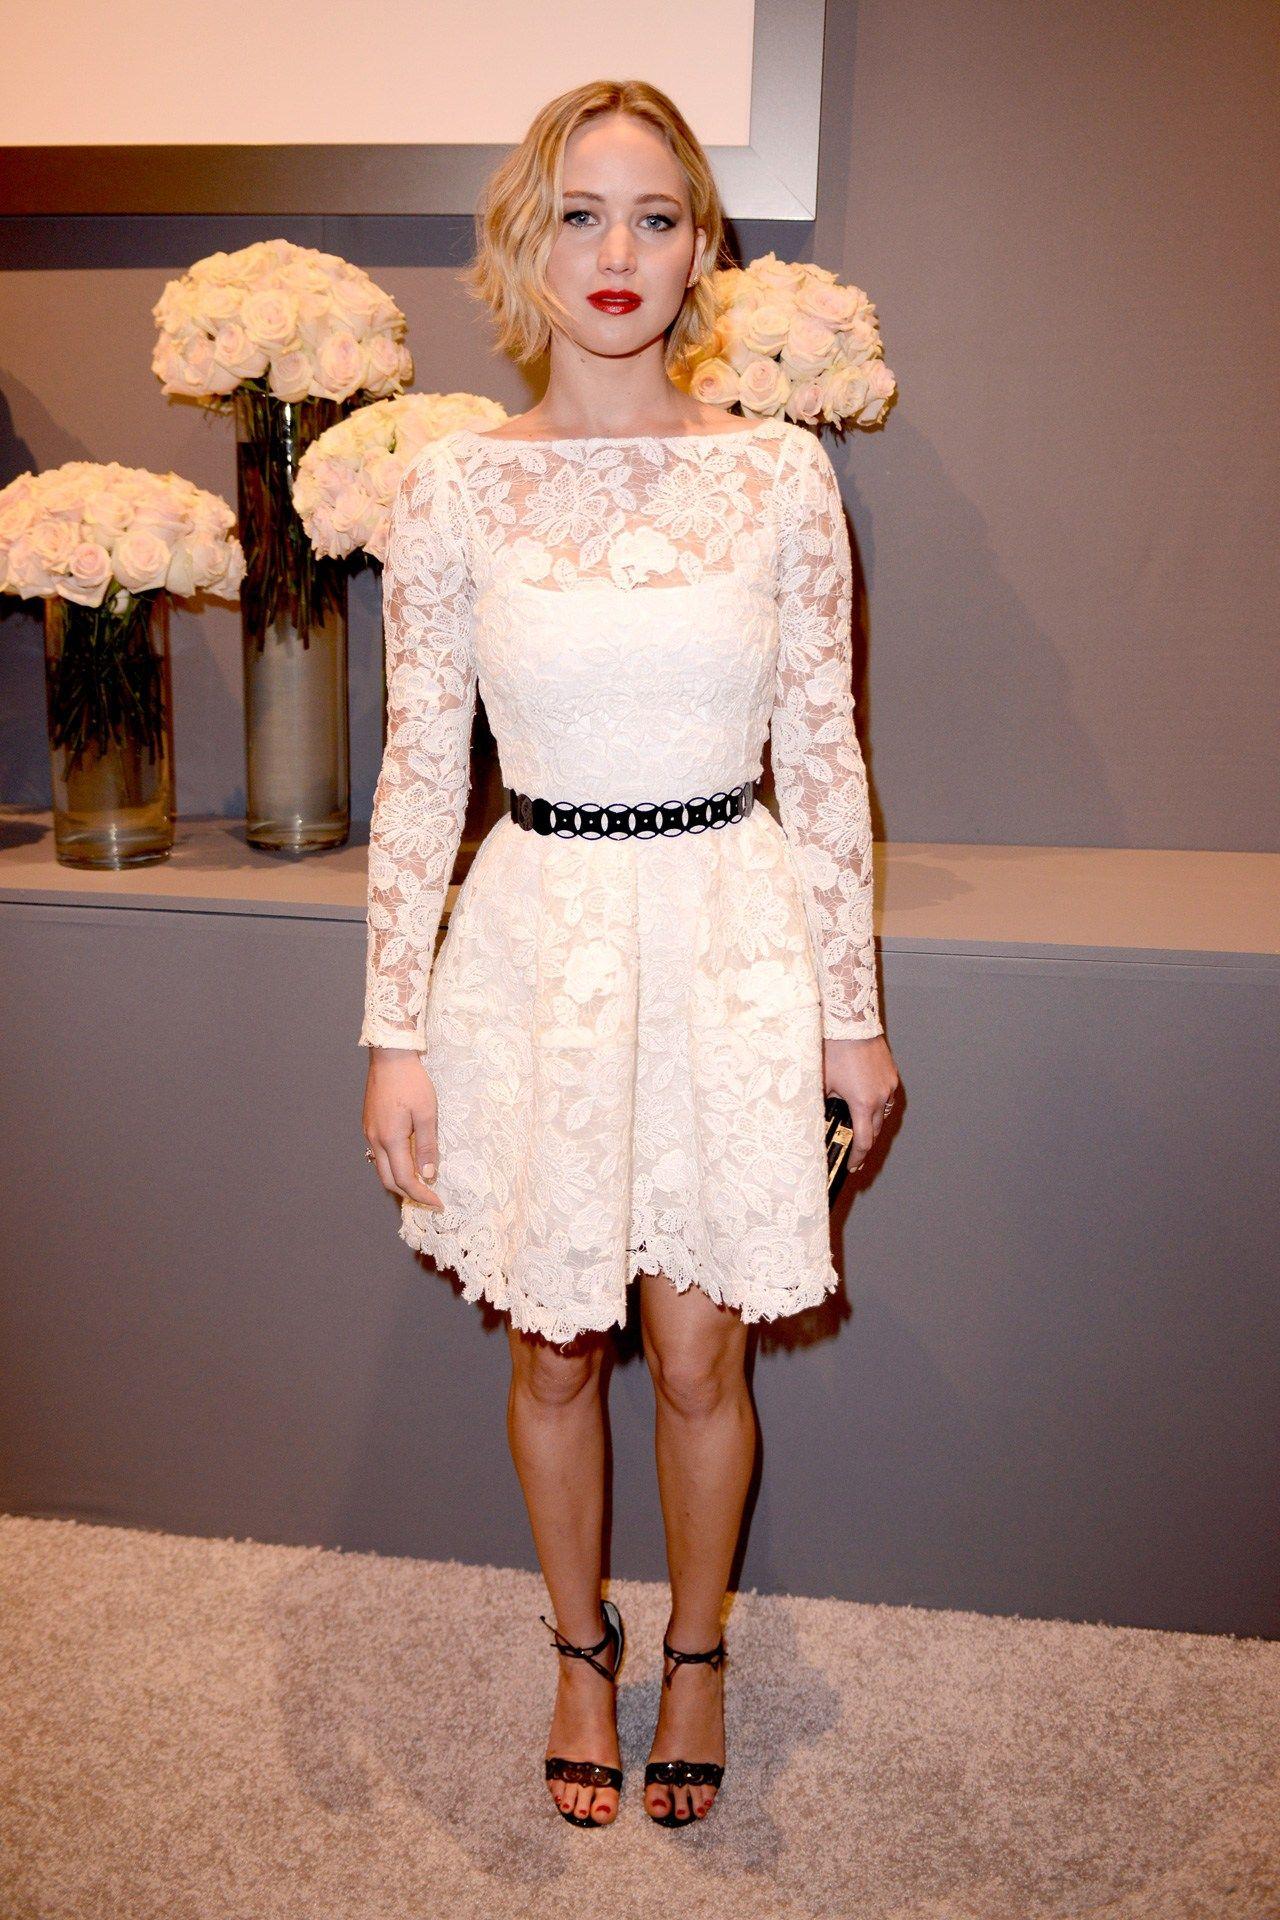 Jennifer Lawrence wore an Oscar de la Renta spring/summer 2015 dress.